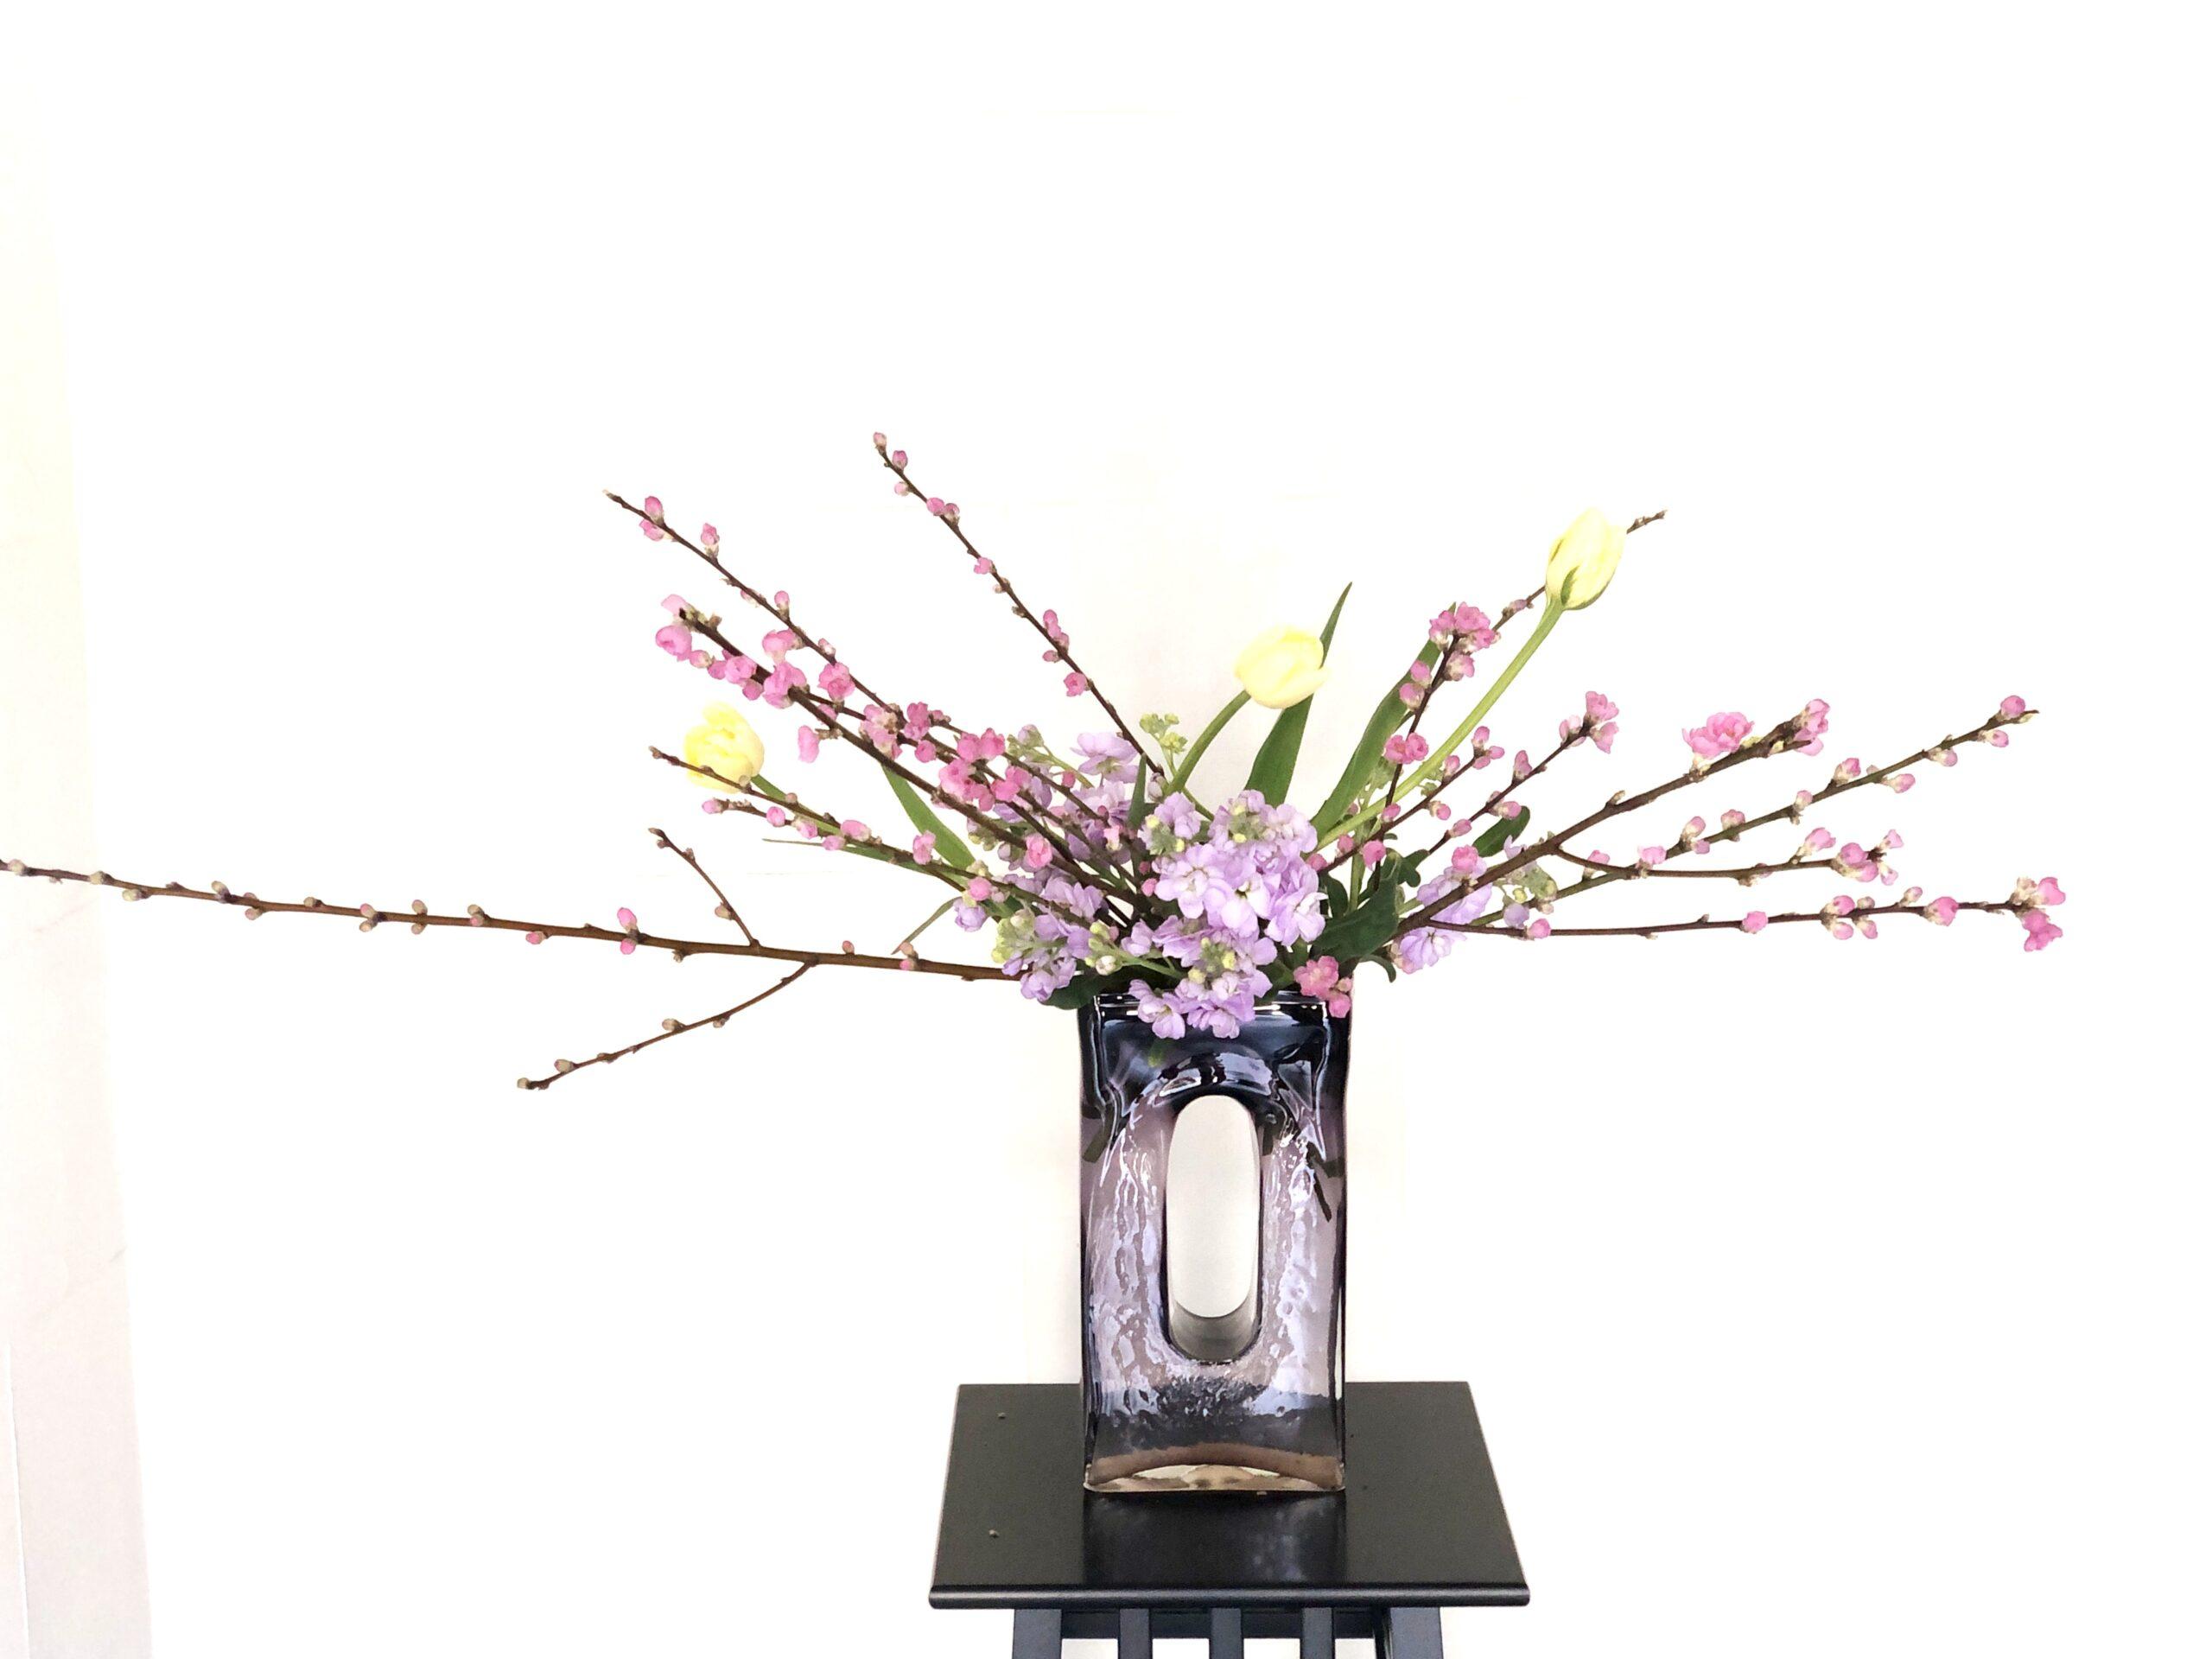 桃の花の生け花 投げ入れ編 ひなまつりのお花の飾り方